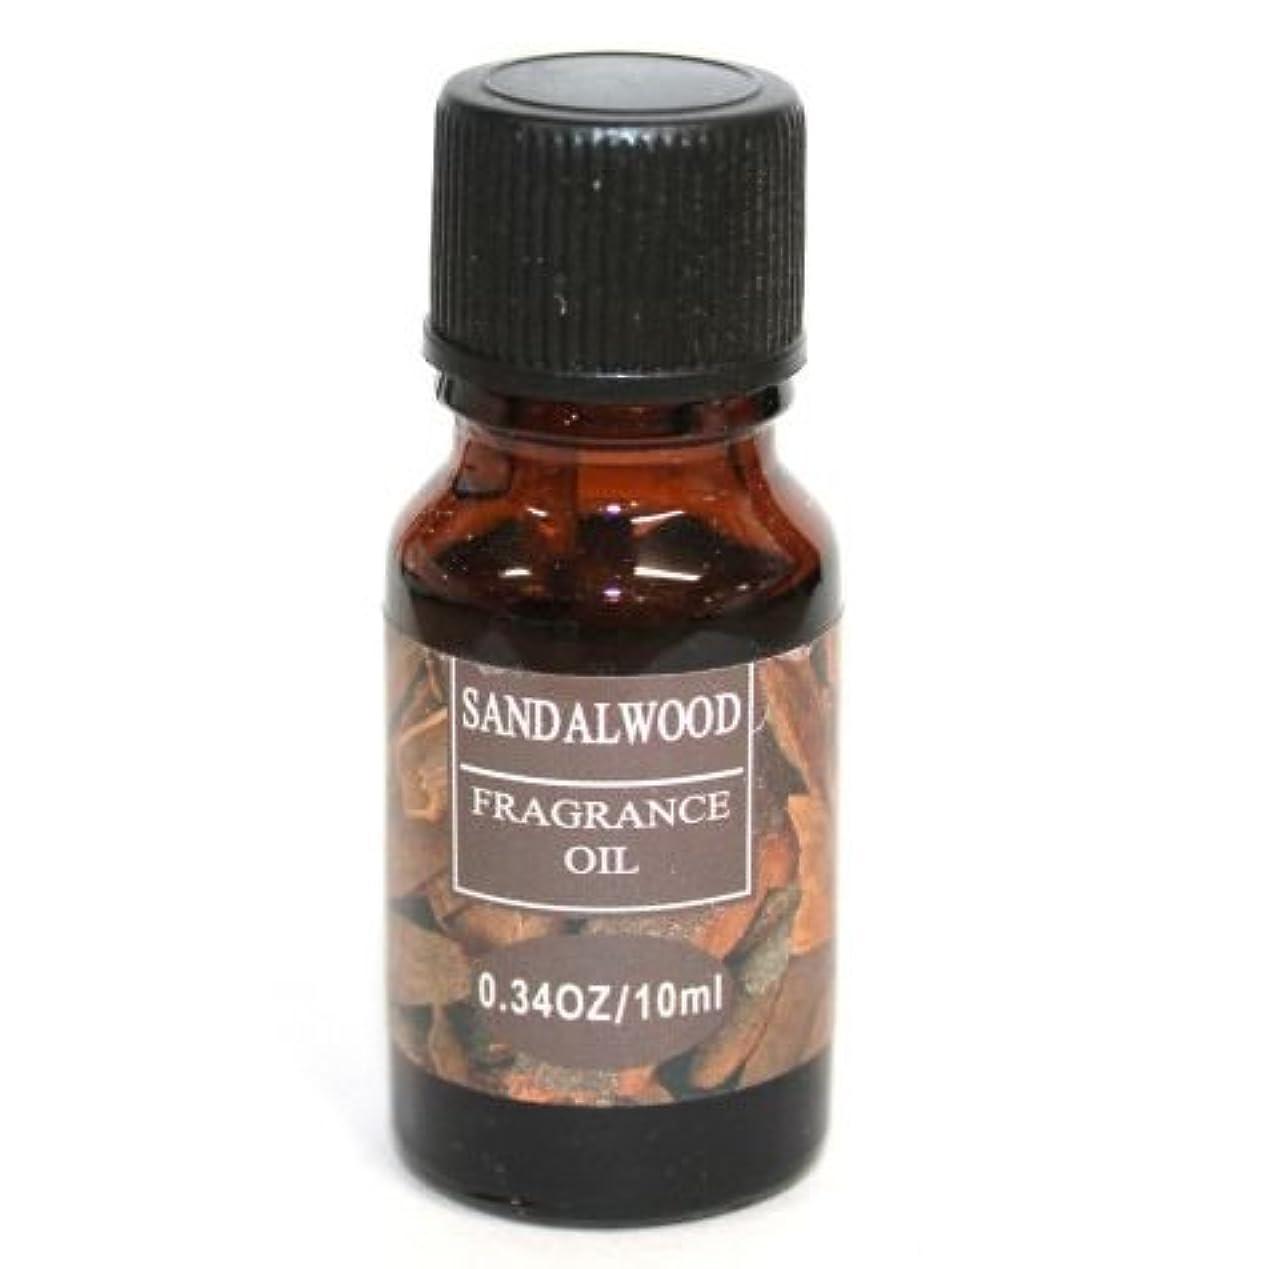 祝う宿るポテトRELAXING アロマオイル フレグランスオイル サンダルウッドの香り ビャクダン (白檀) RQ-03